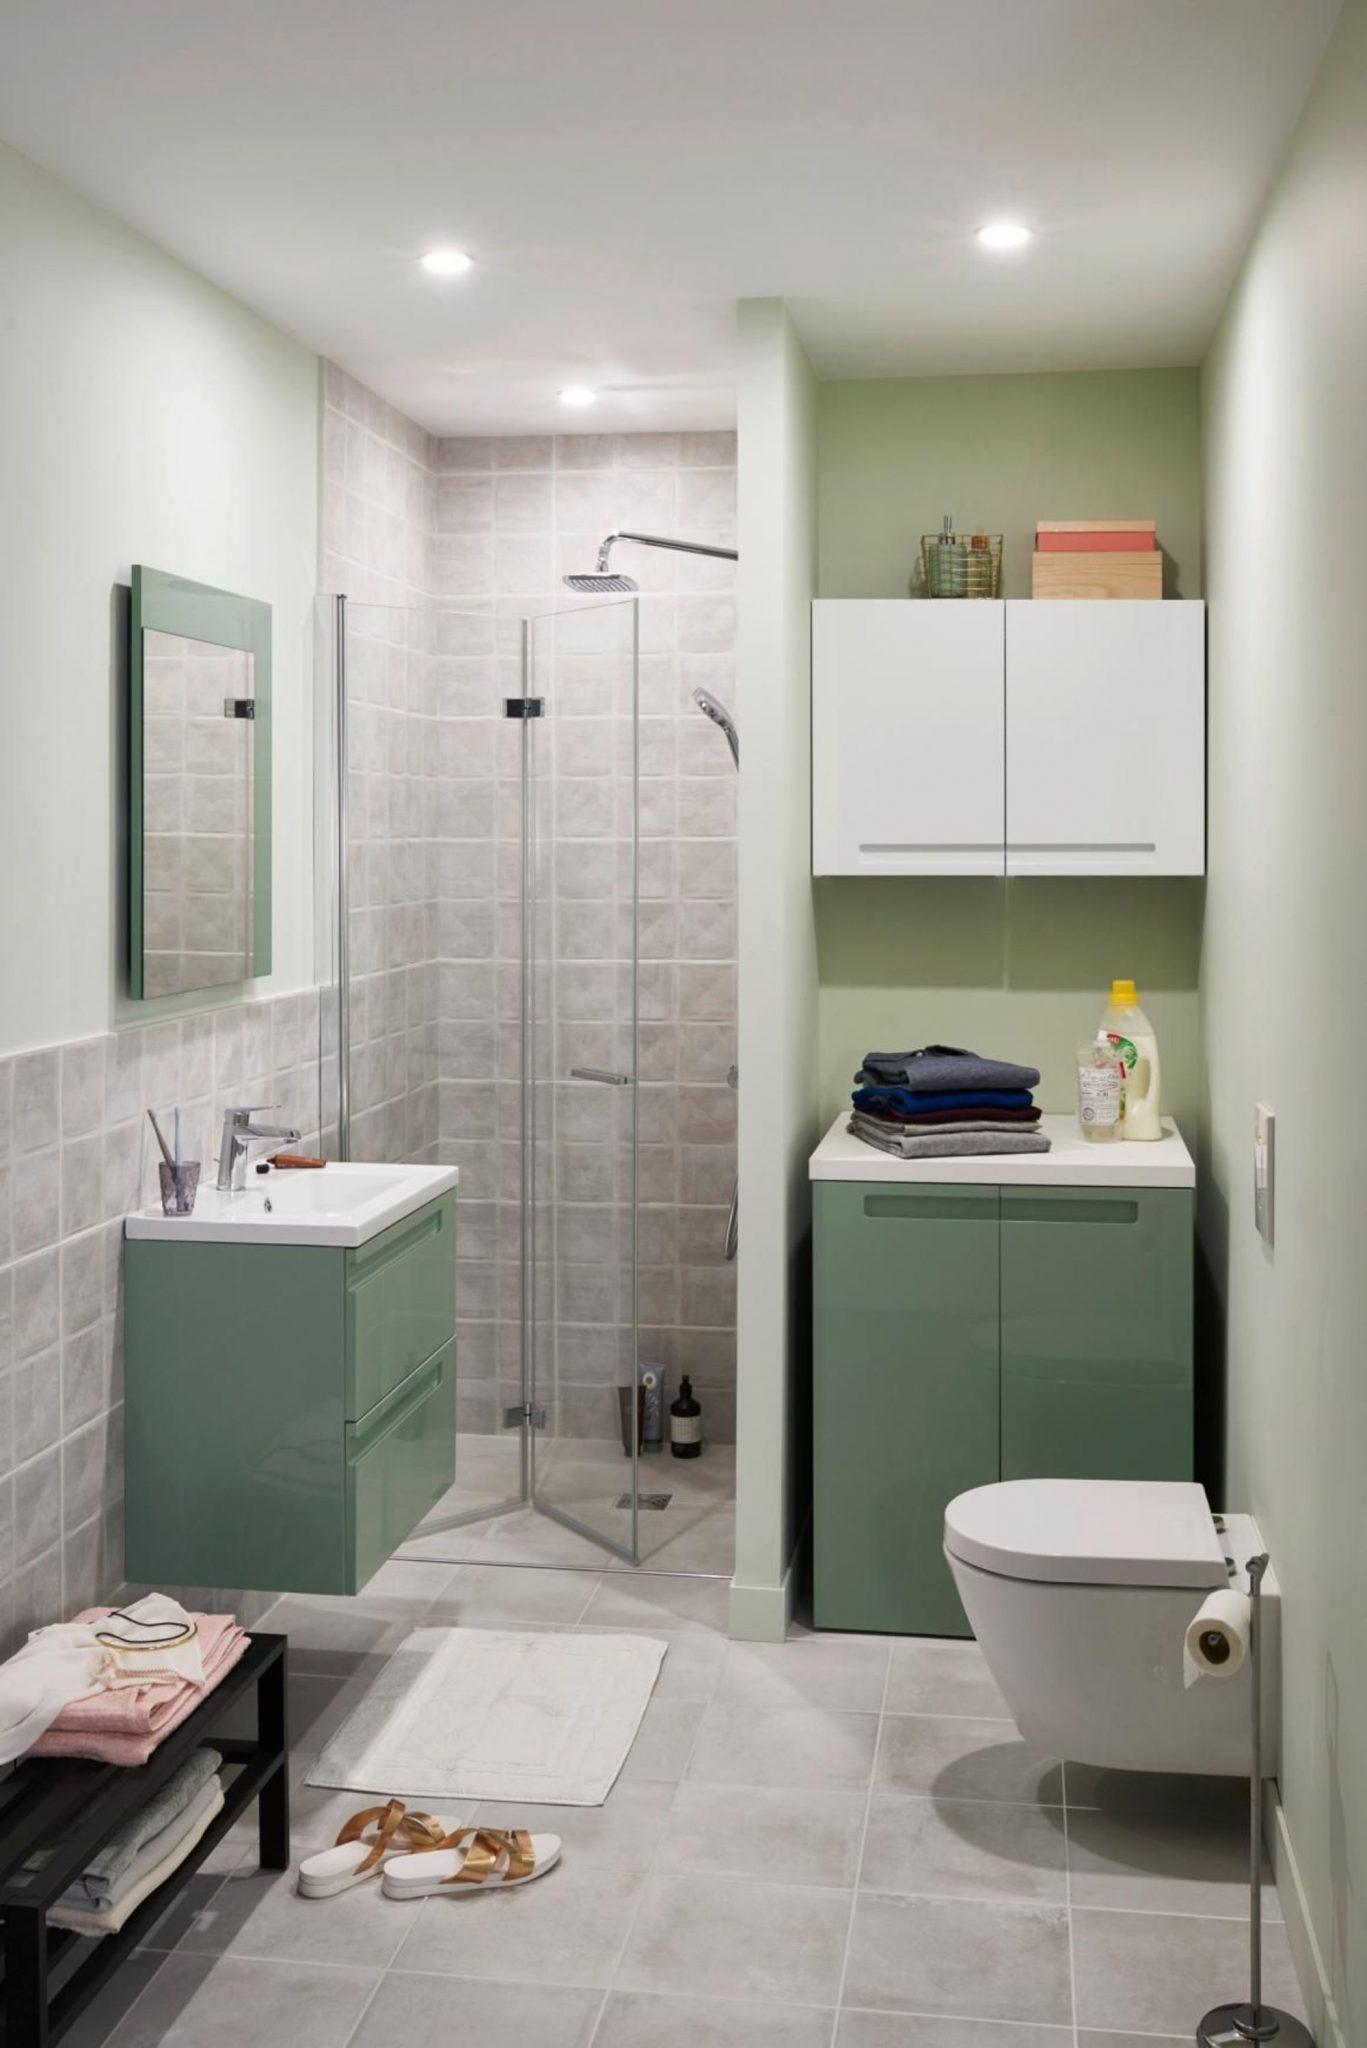 Badkamers met voorbeelden tegels